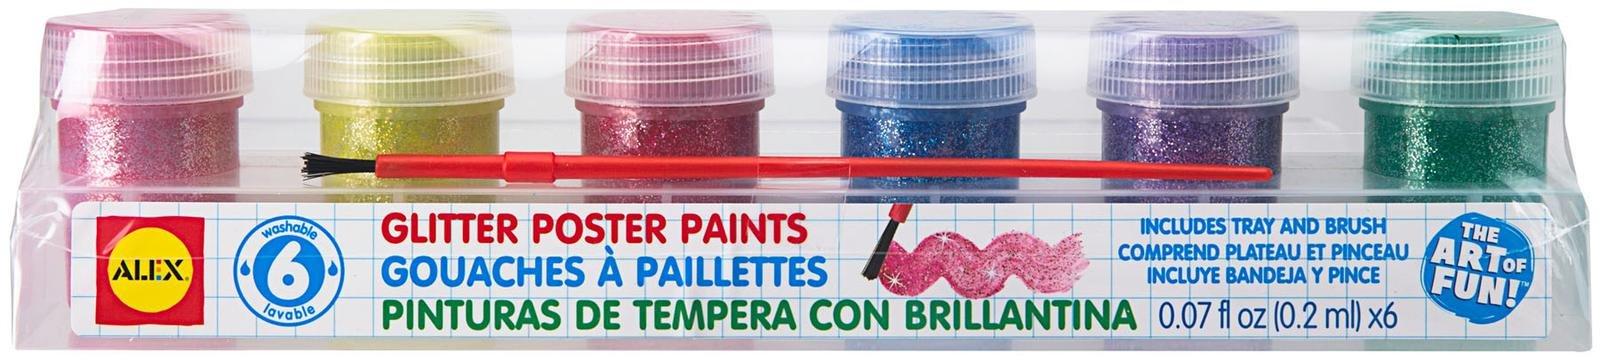 Alex 6 Glitter Paints - 1 ct.